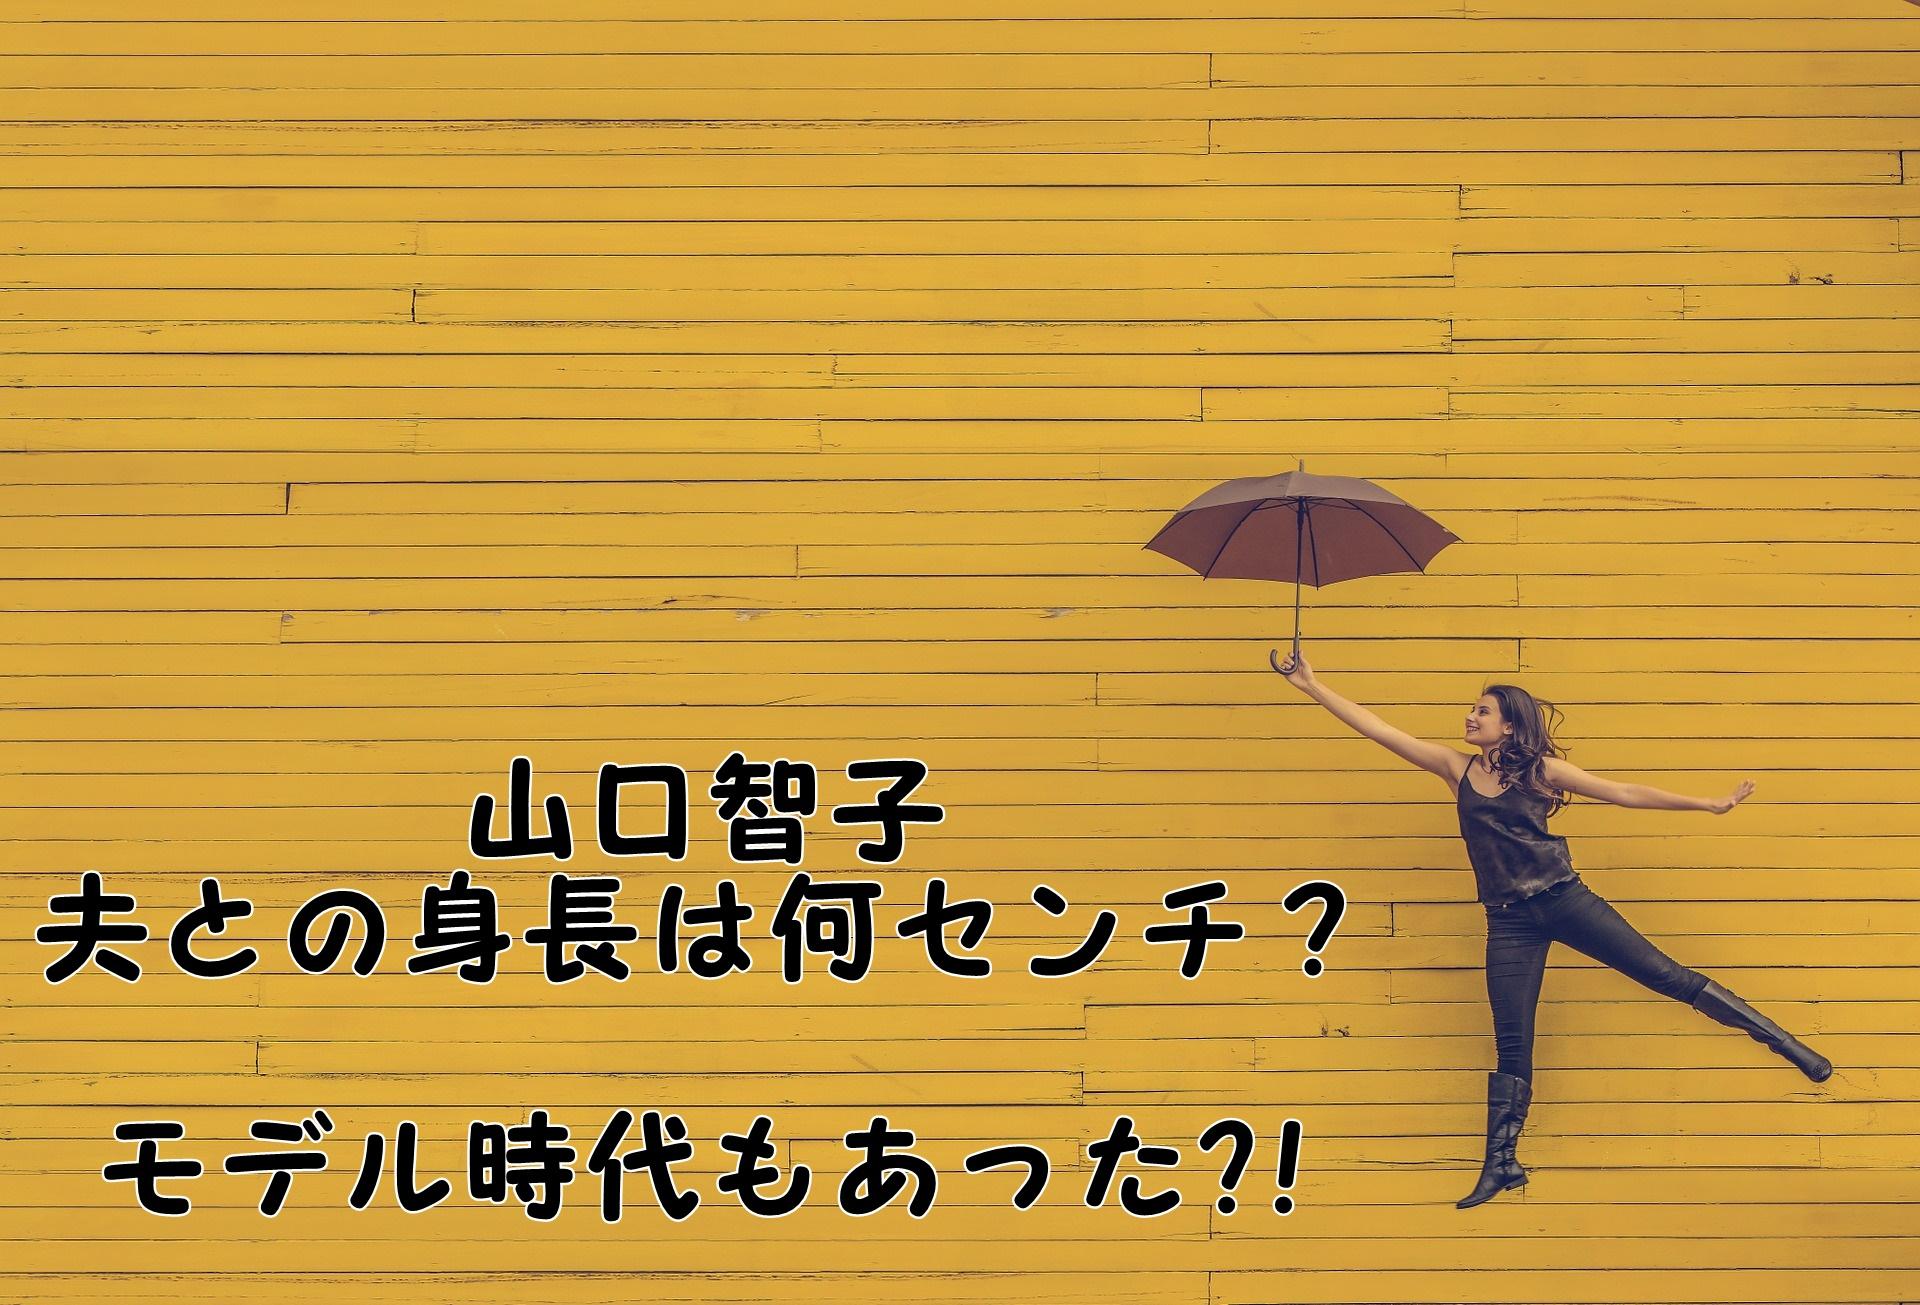 山口智子と夫の身長差は5㎝?!モデル時代はいつからいつまで?